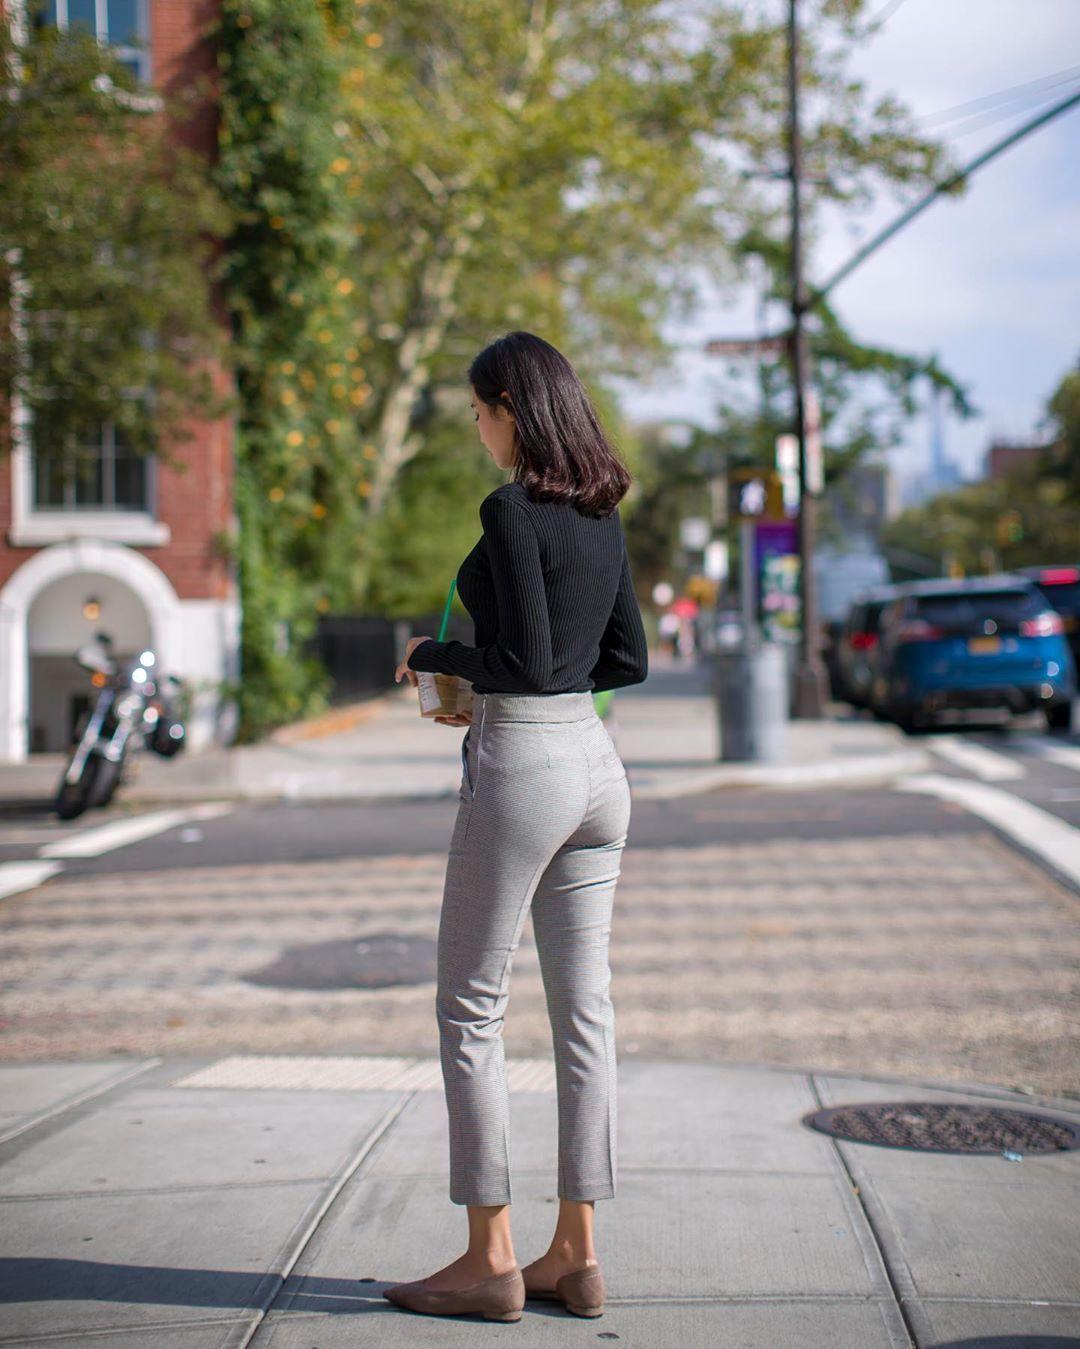 超美的旗袍小姐姐,会是今日最佳吗? zt - 步行街主干道 - 虎扑社区